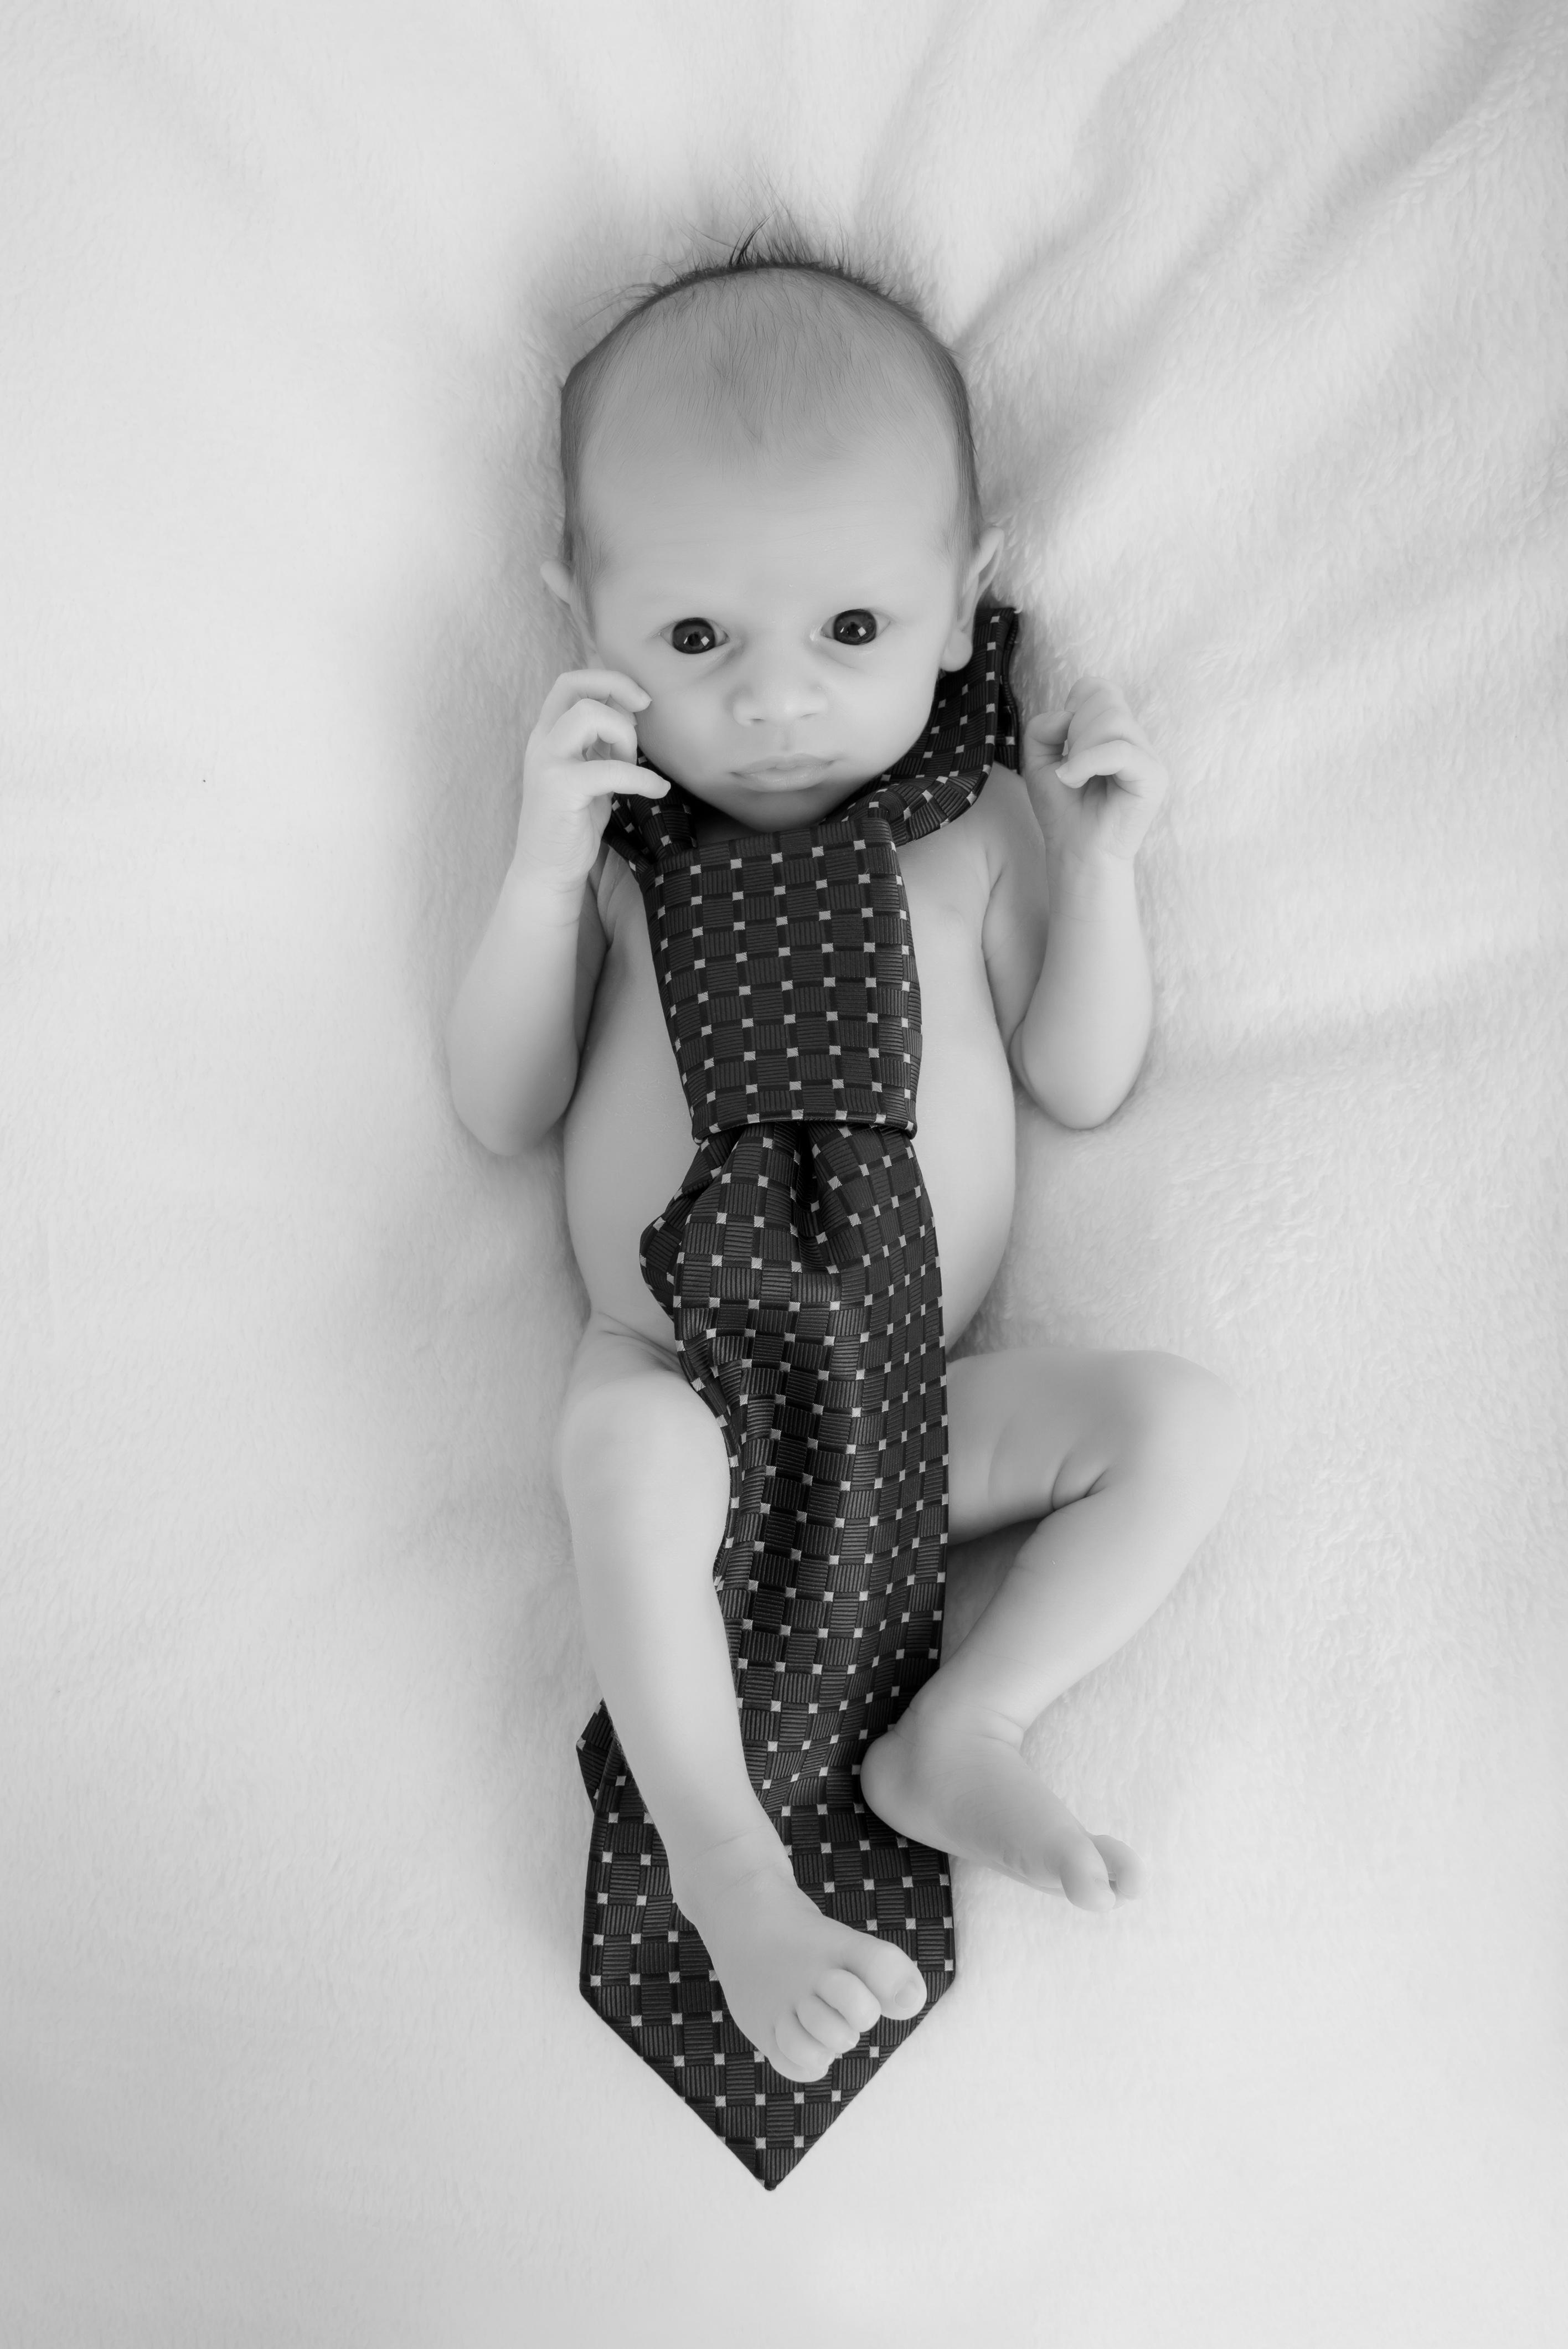 séance New born, famille, enfant, studio (3)